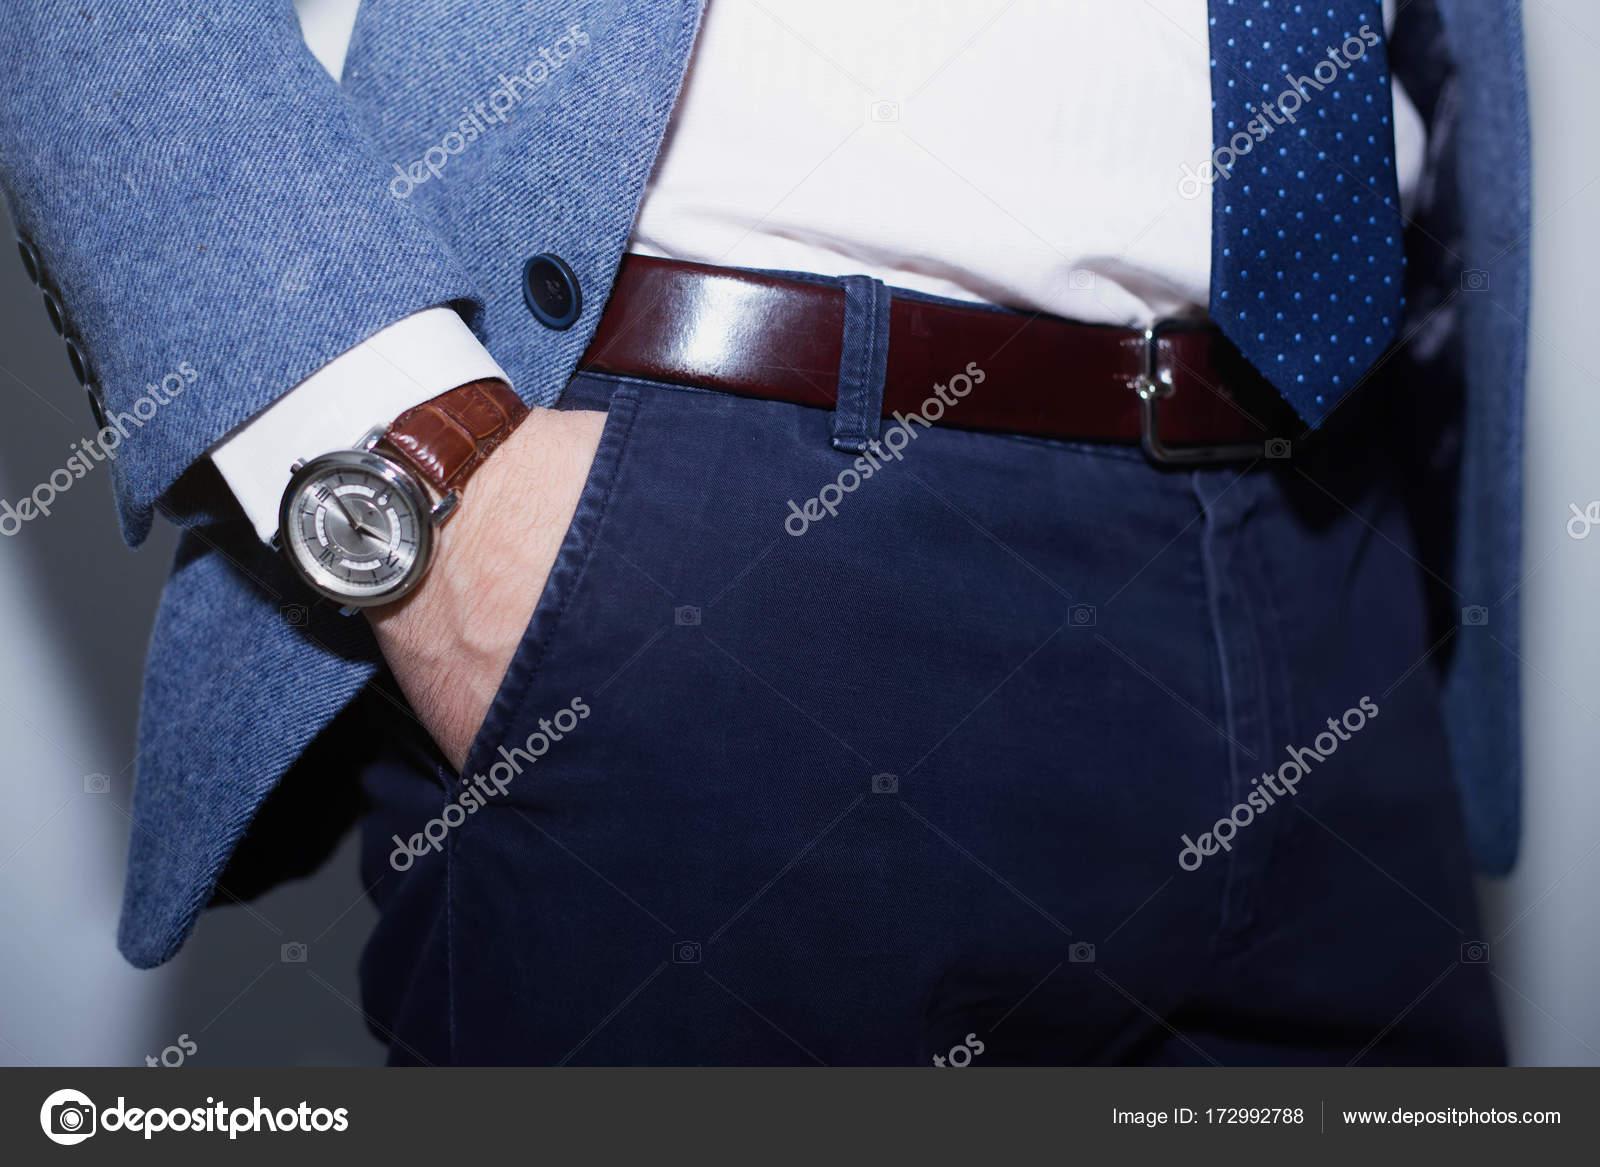 0a42fef507 Vértes divat képe luxuskarórák a csukló man.body részletek egy üzletember.  Férfi kezét a kék gyapjú kabát, sötétkék nadrág zsebében Vértes. Alkalmi  ruhát.